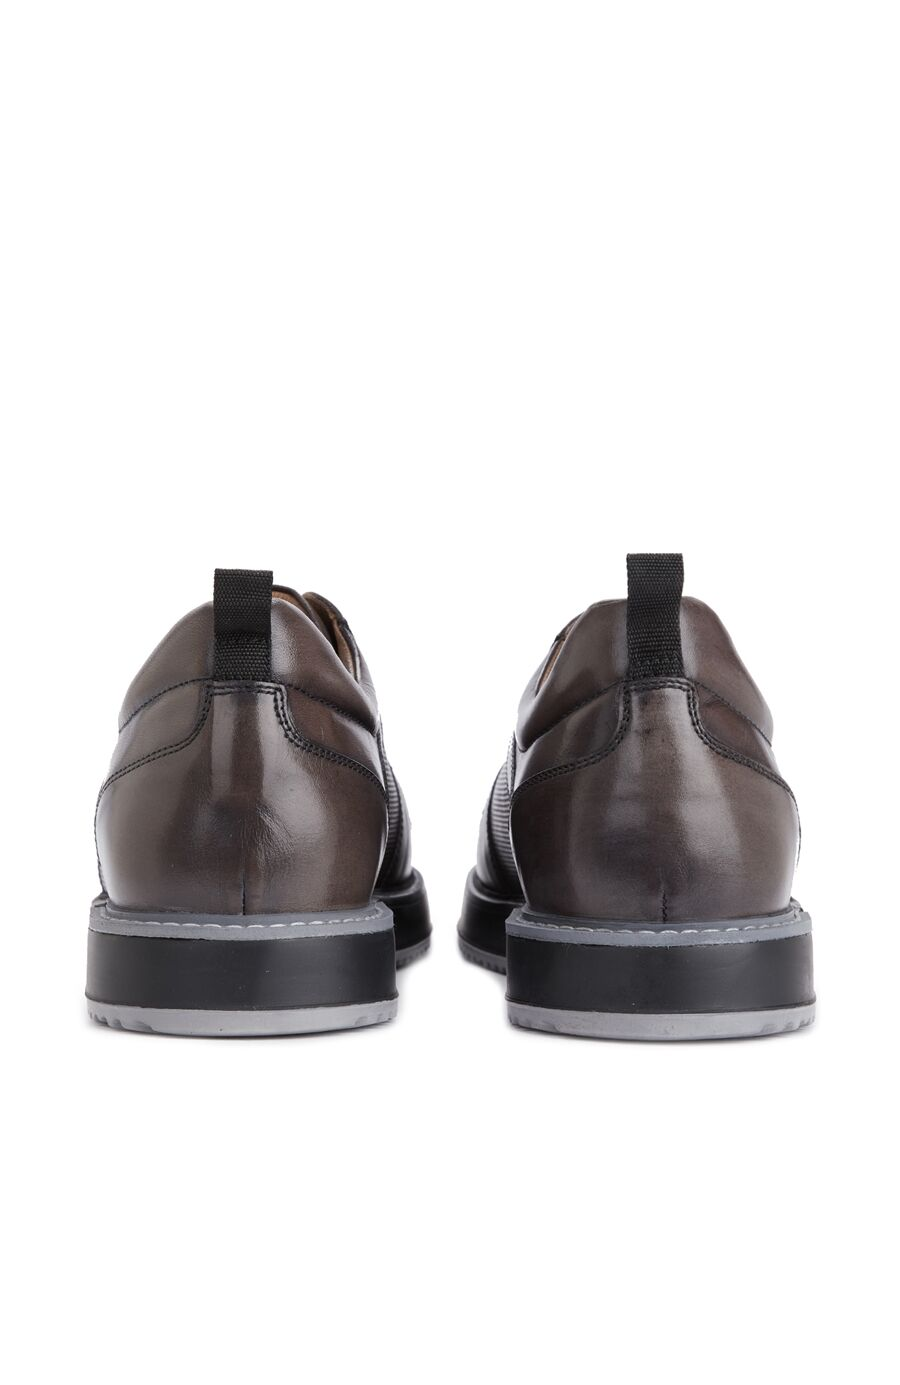 Kahverengi Dokulu Erkek Ayakkabı